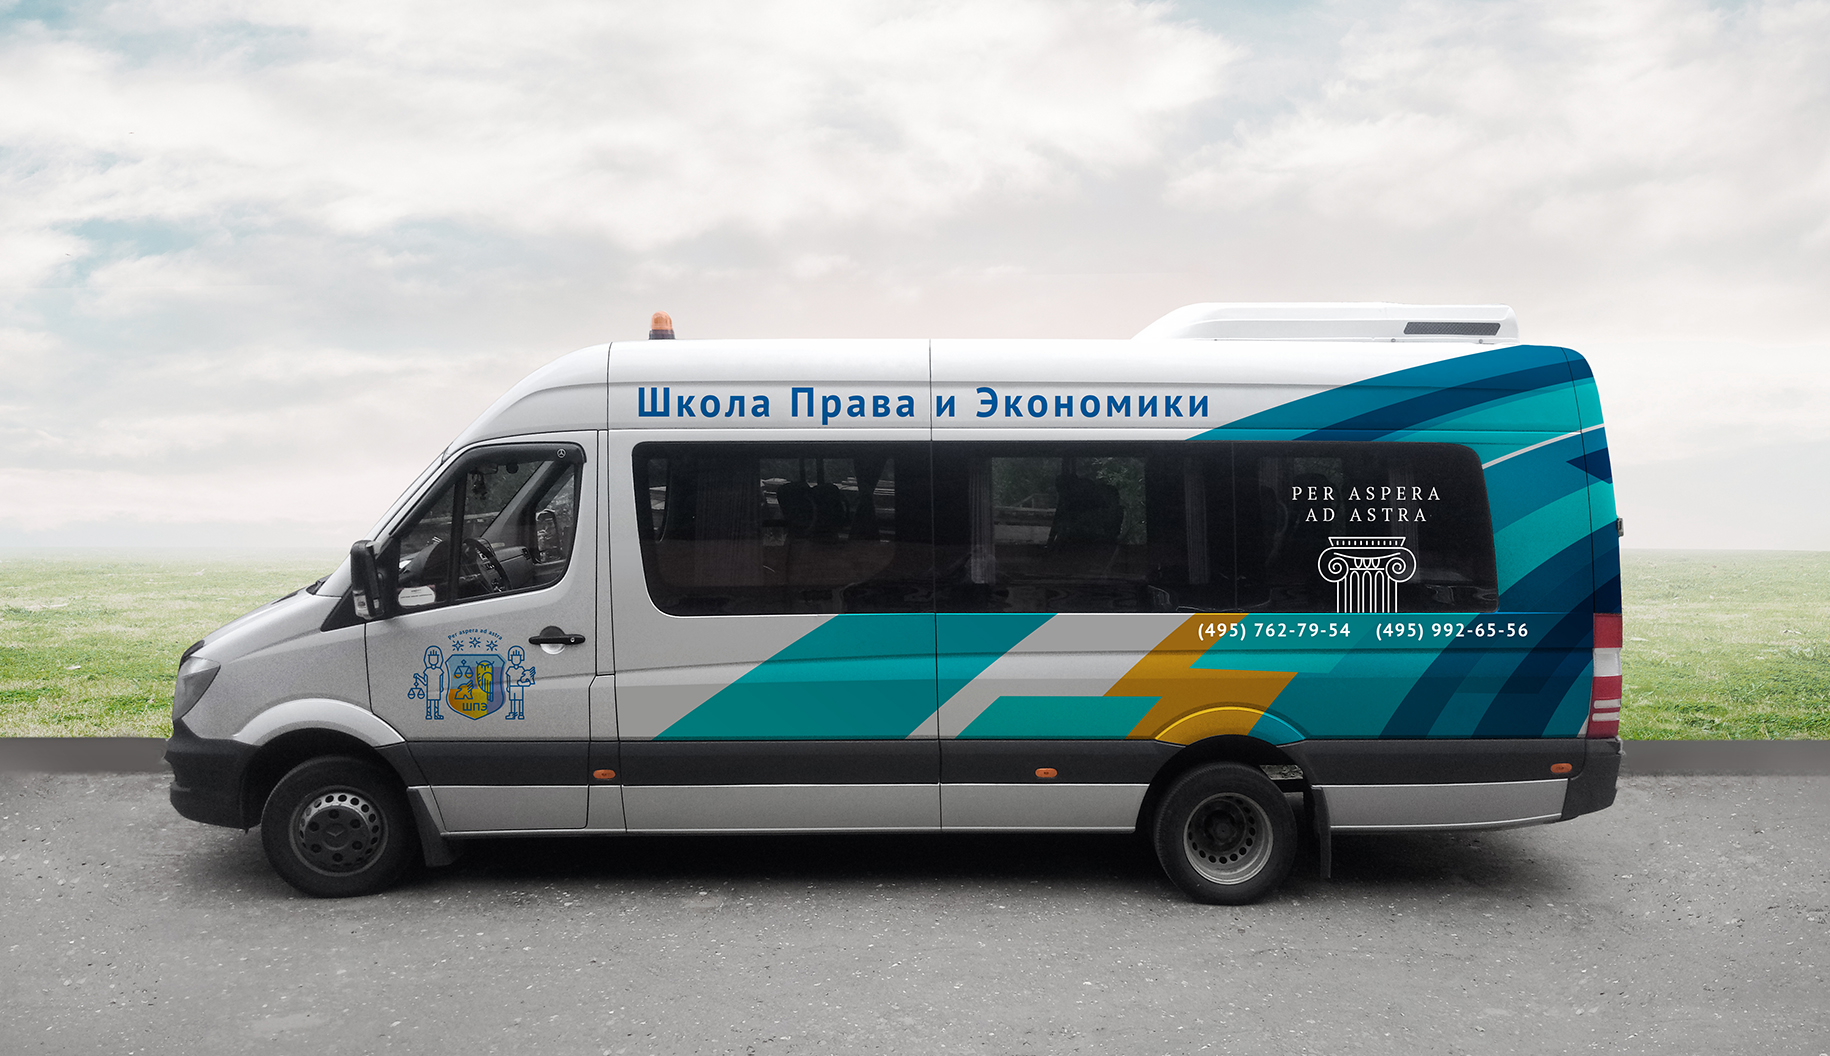 Дизайн оклейки школьного автобуса фото f_7755d040a5084977.jpg